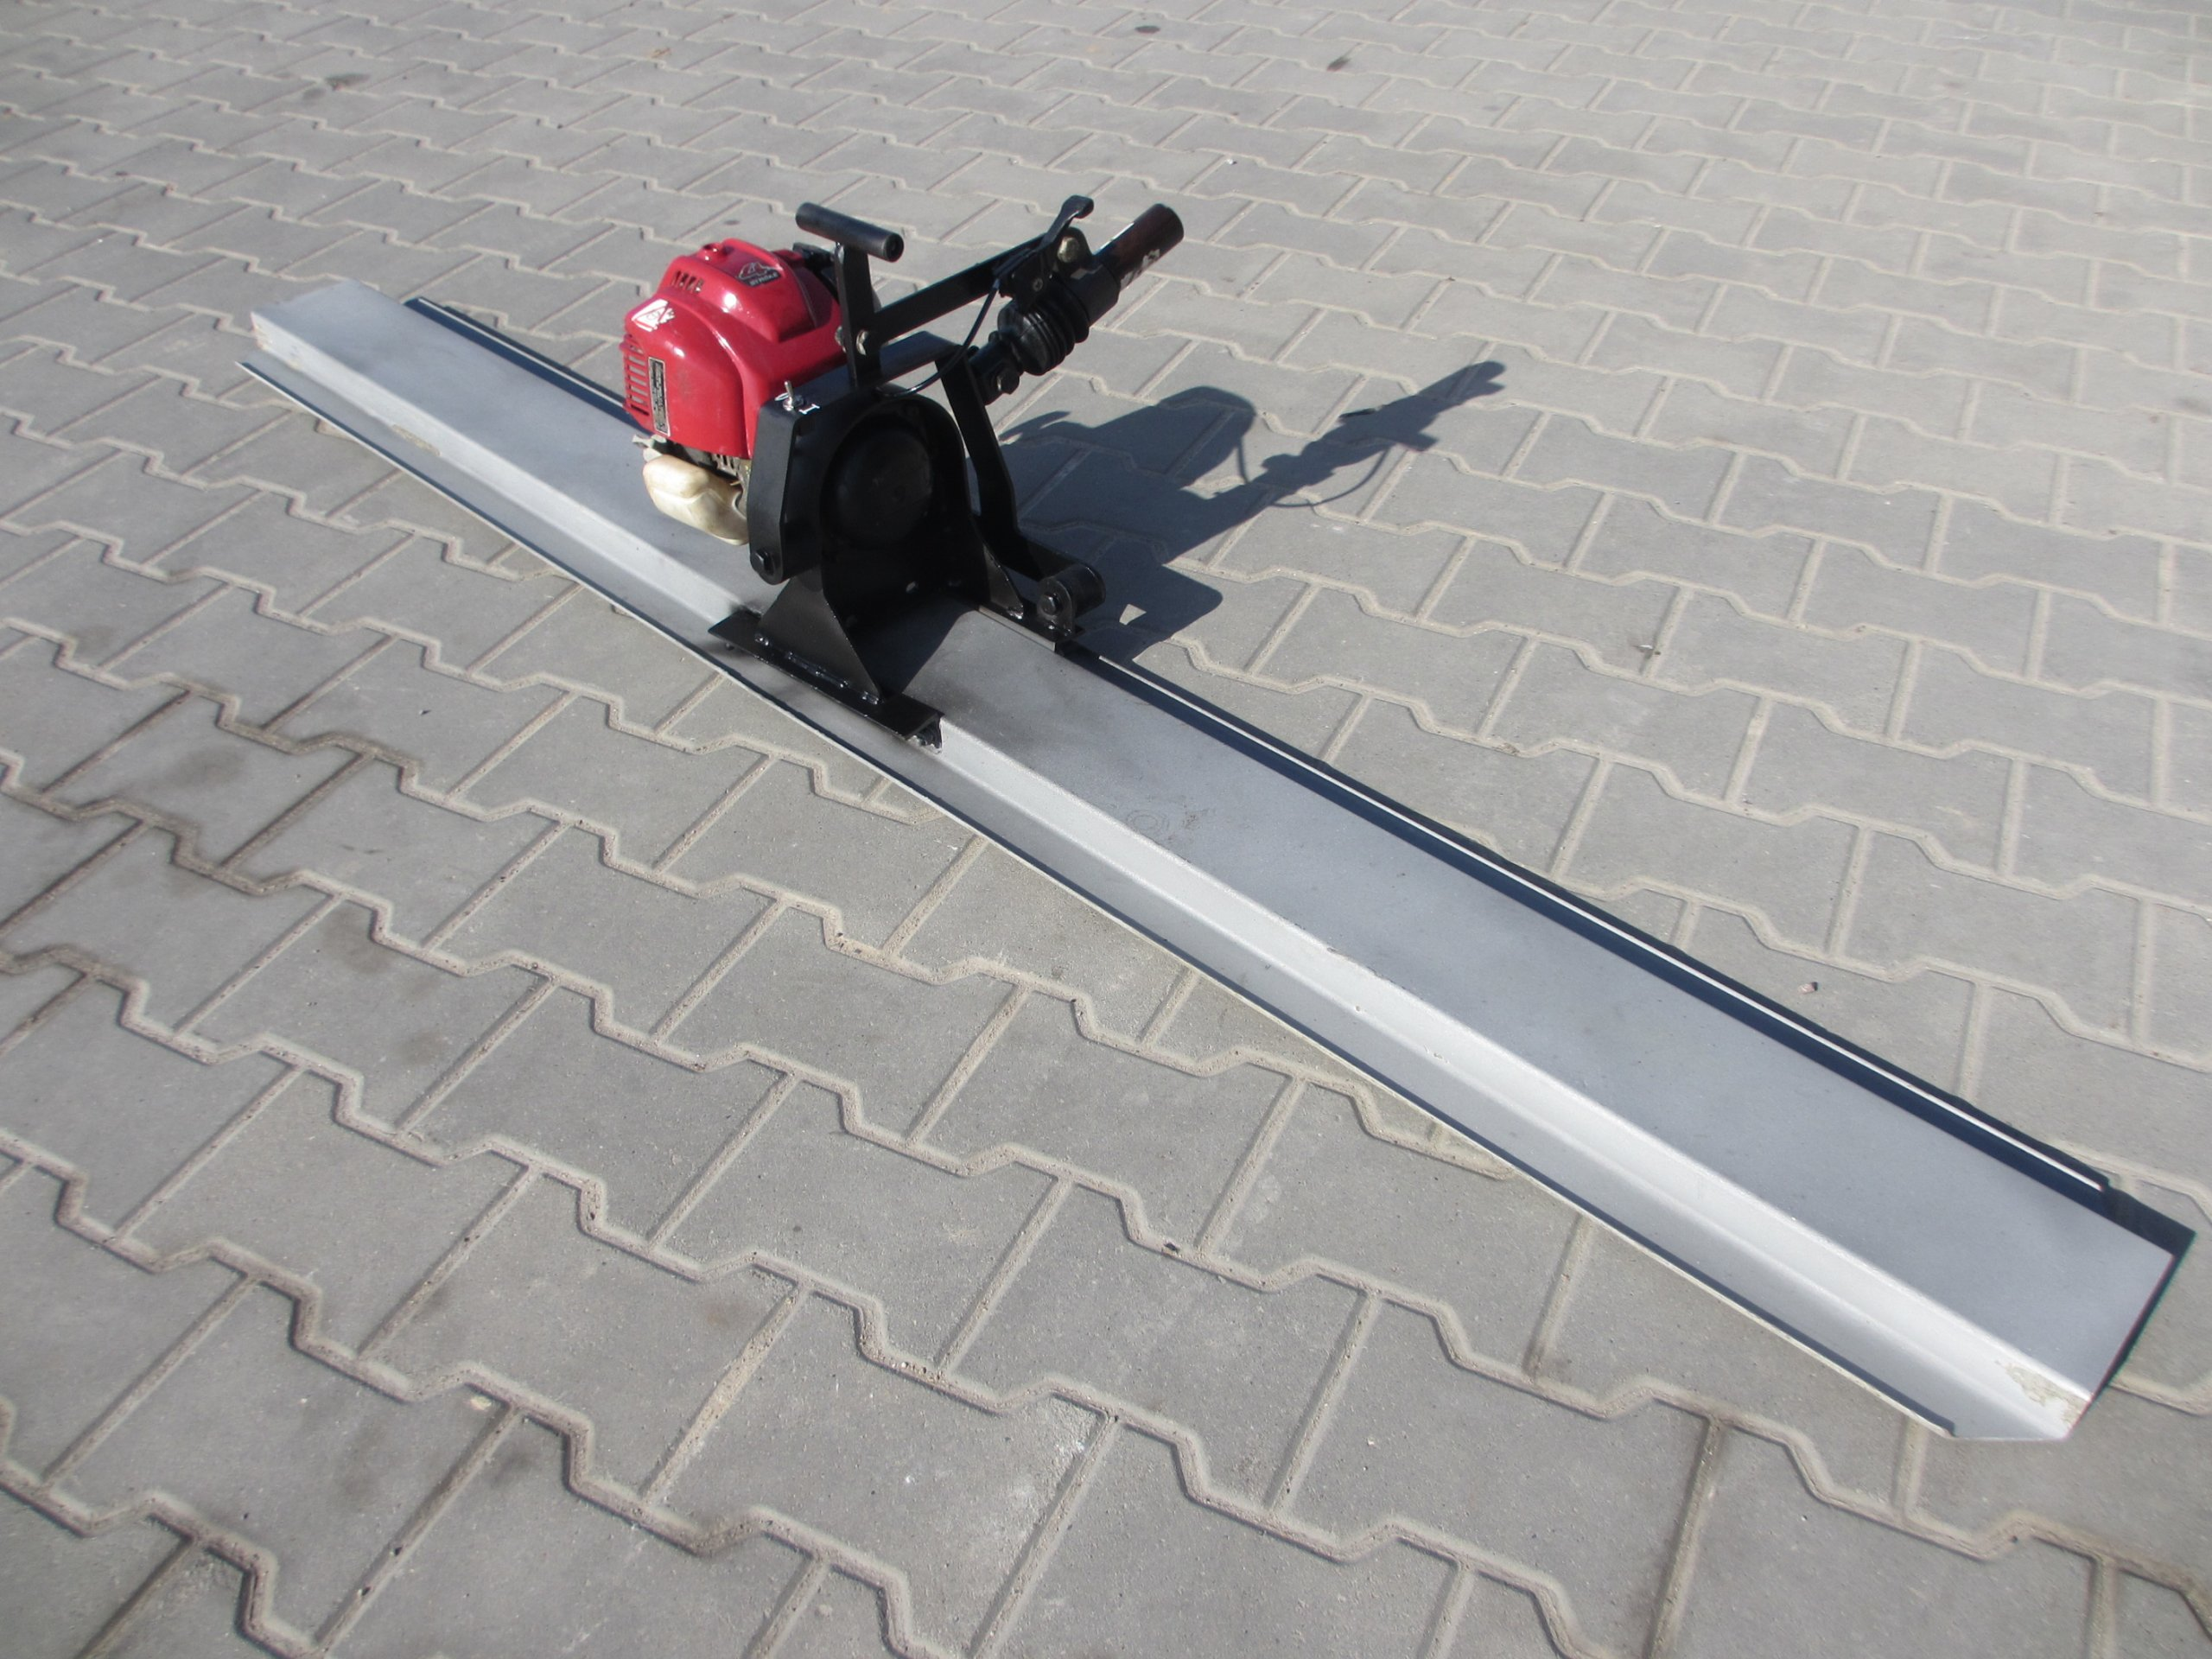 Bardzo dobra Listwa łata wibracyjna do betonu ENAR 2m - 7419803167 - oficjalne JA26